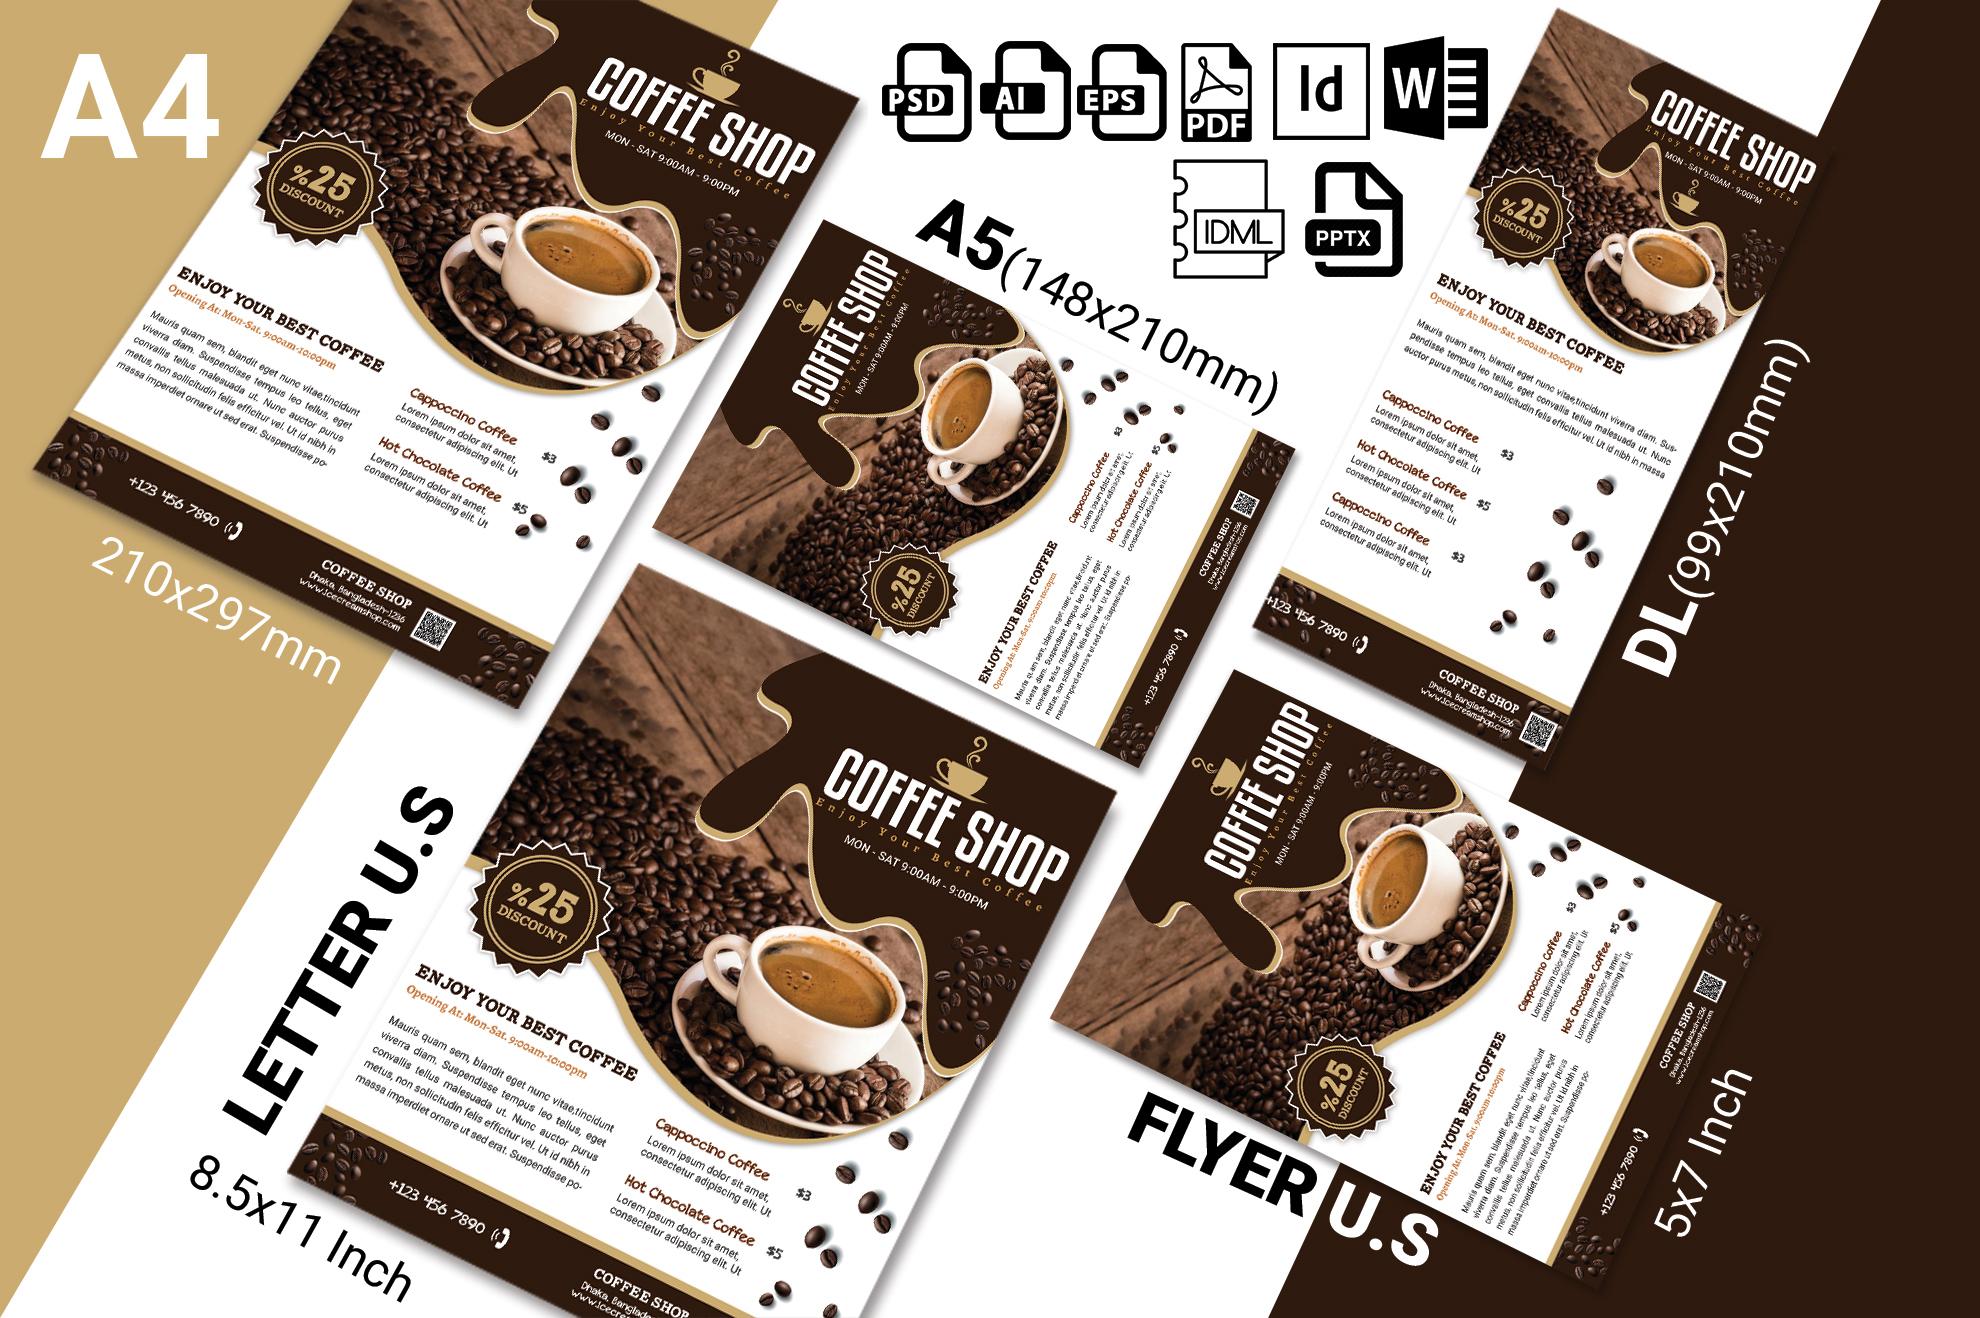 Coffee Shop Flyer Vol-03 example image 2